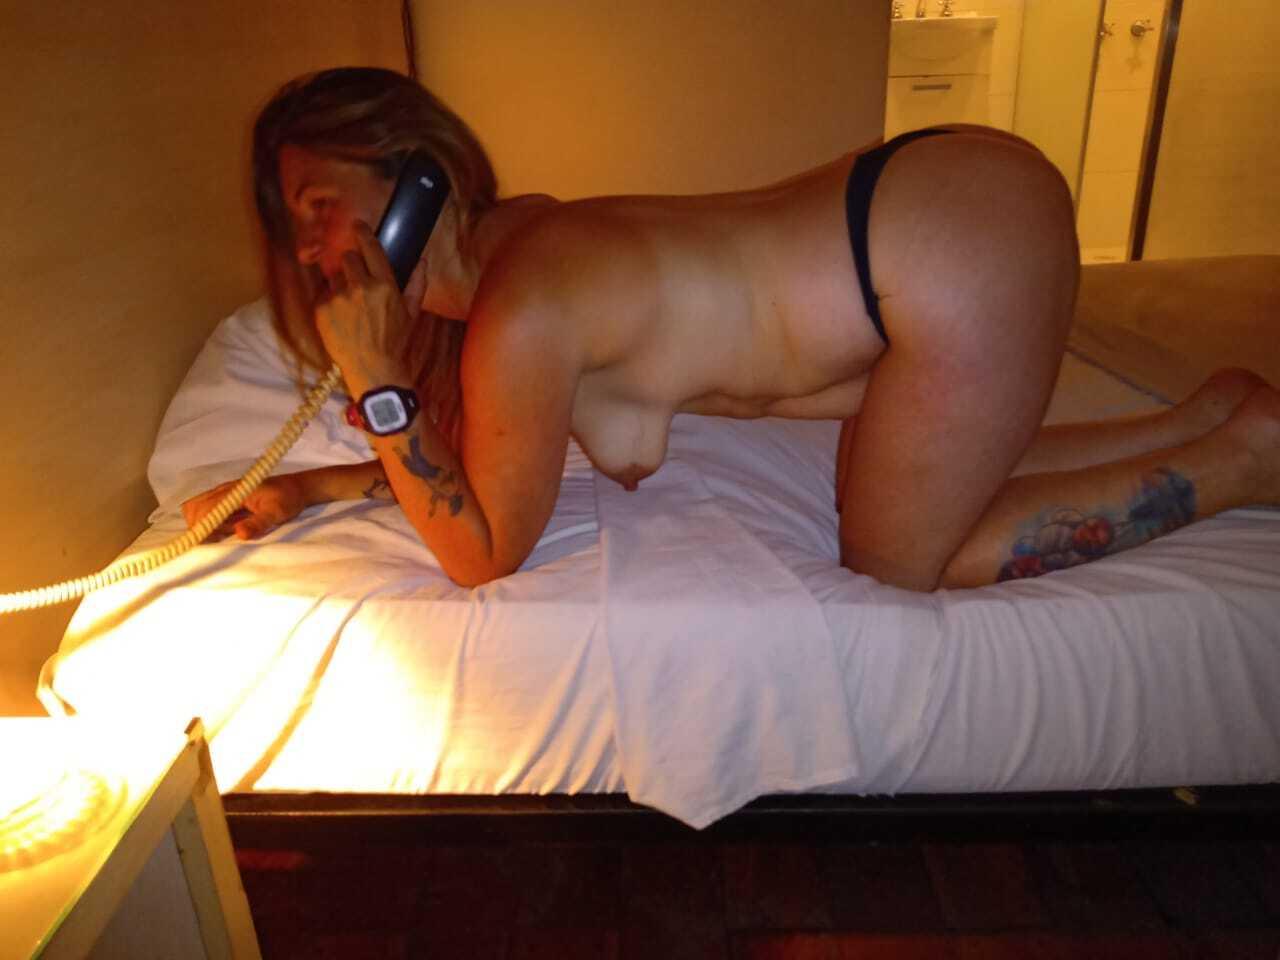 esposas trios fantasias sexuales xxx